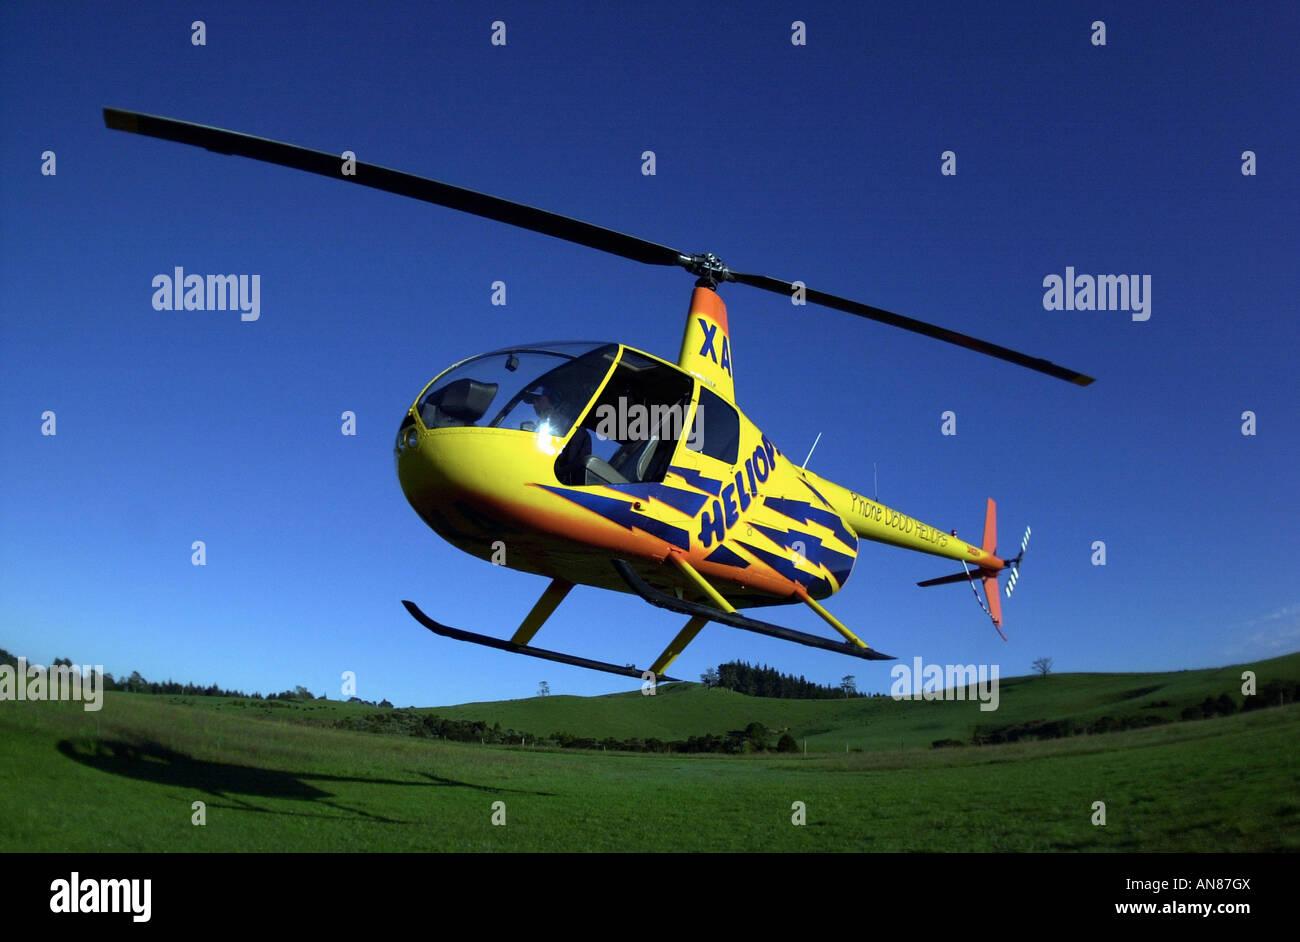 Flays de helicópteros en el aire Foto de stock